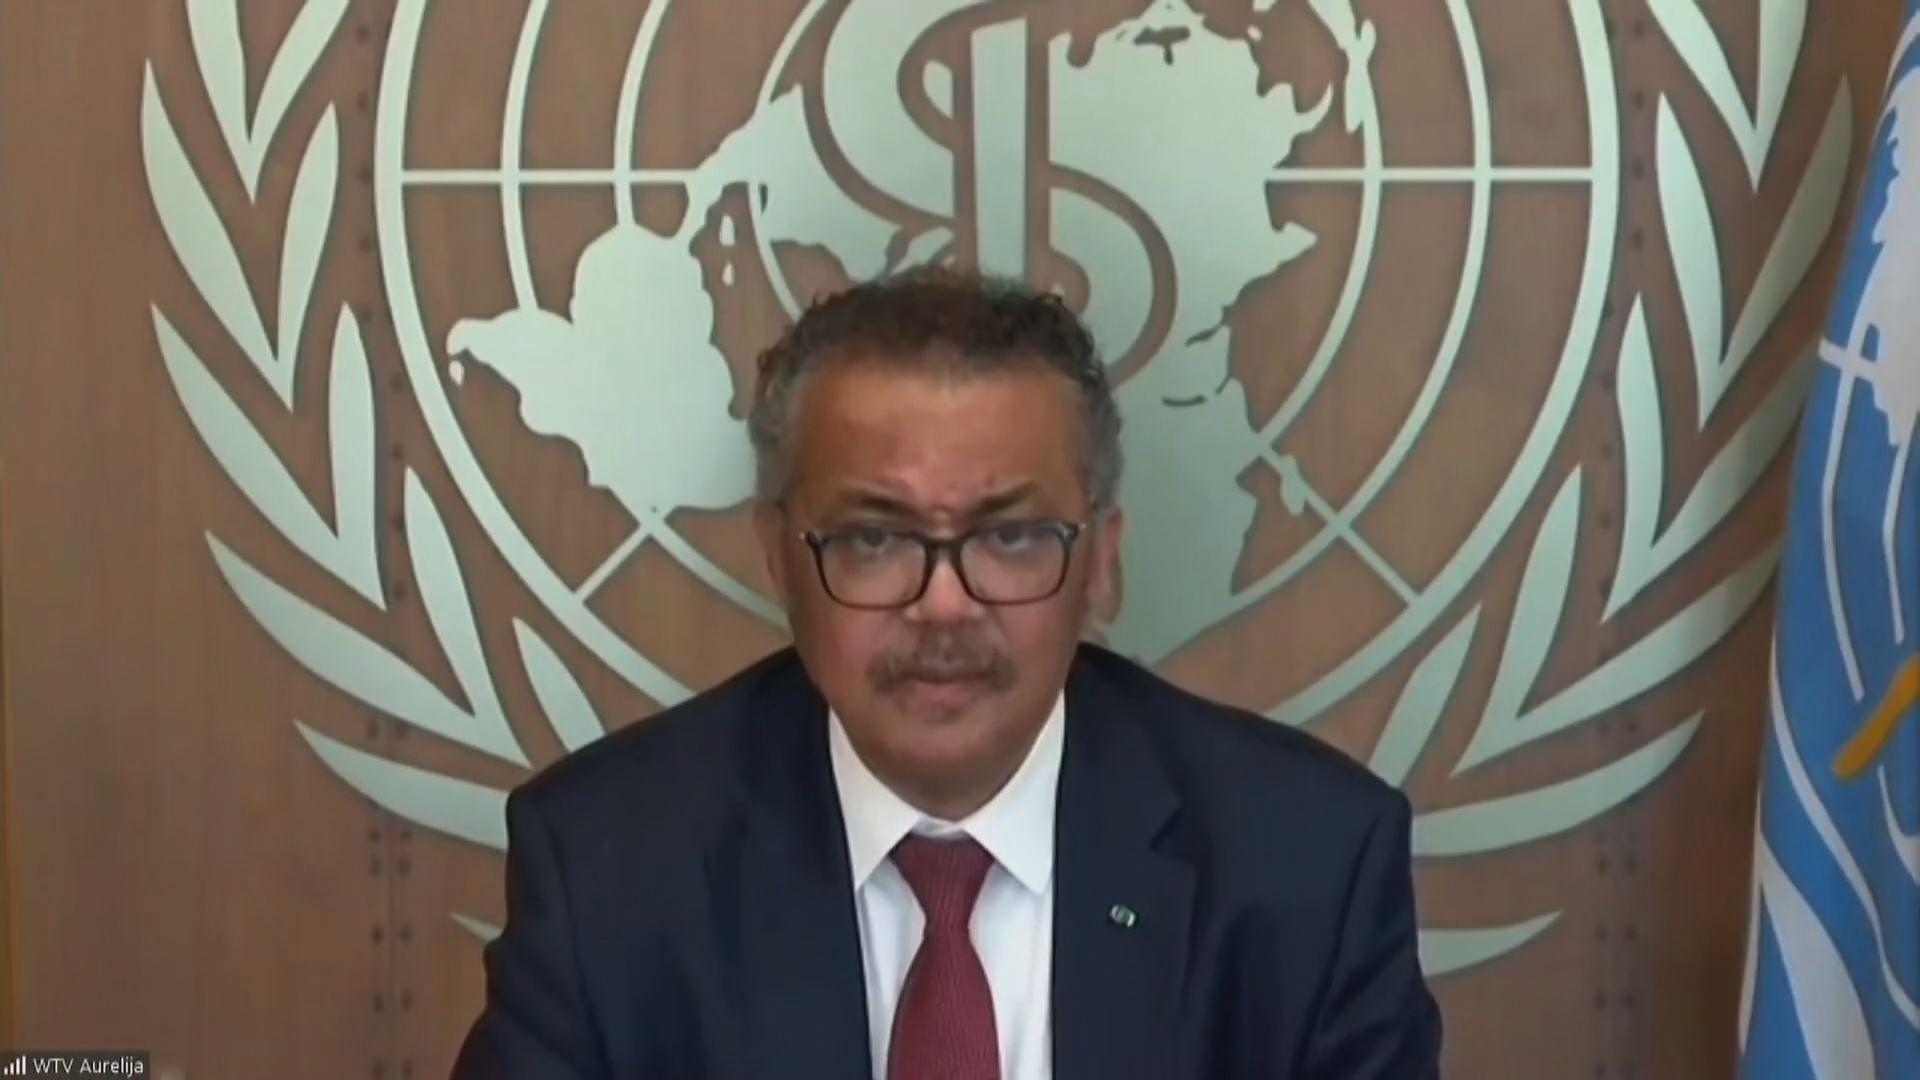 聯合國秘書長古特雷斯籲各國資助世衛全球疫苗計劃